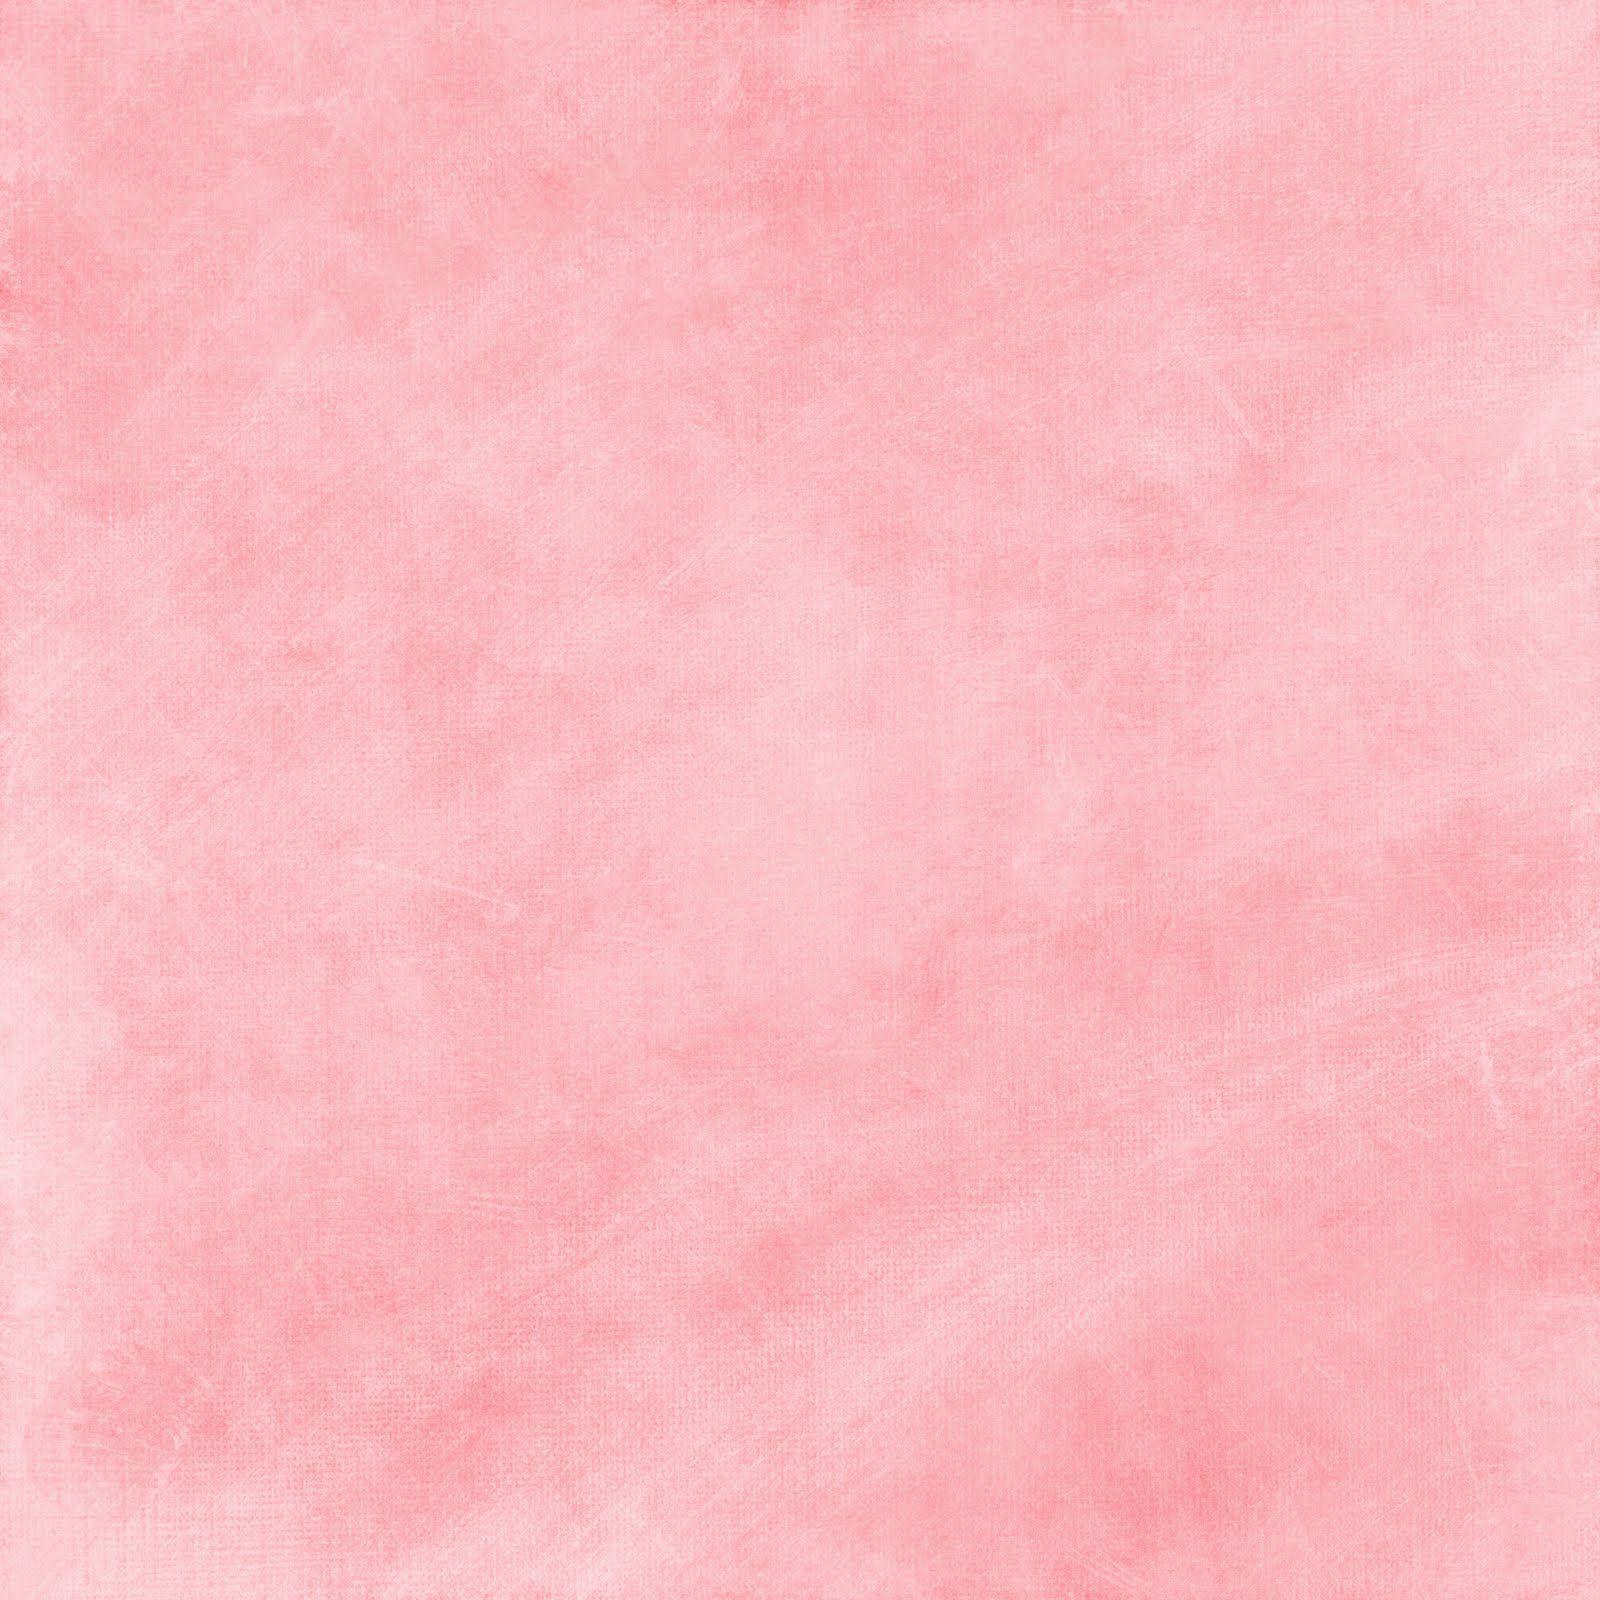 fondos rosa liso buscar con google fondos rosas